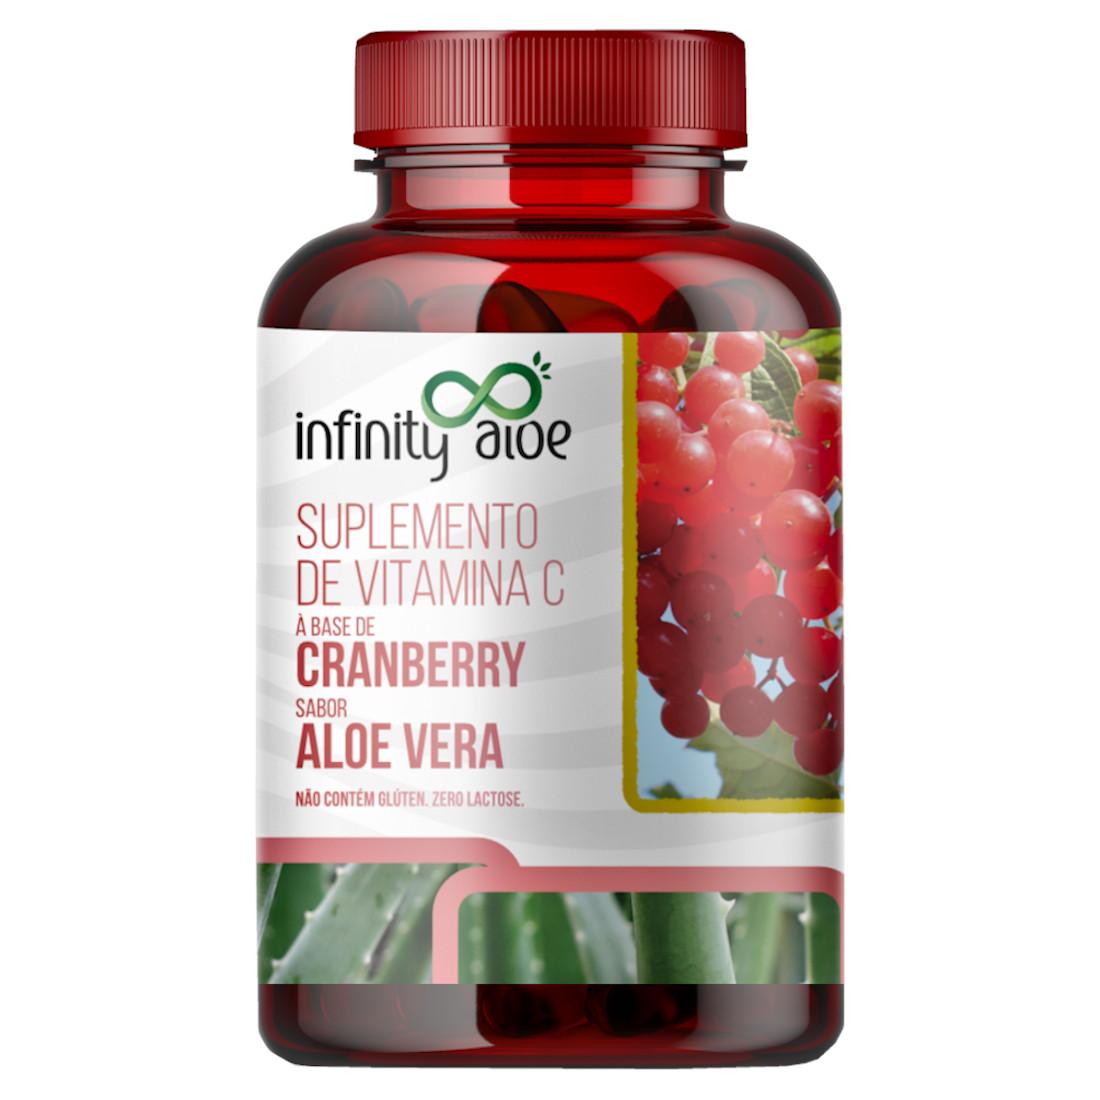 Suplemento de Vitamina C Babosa (Aloe Vera) e Cranberry 60 cápsulas